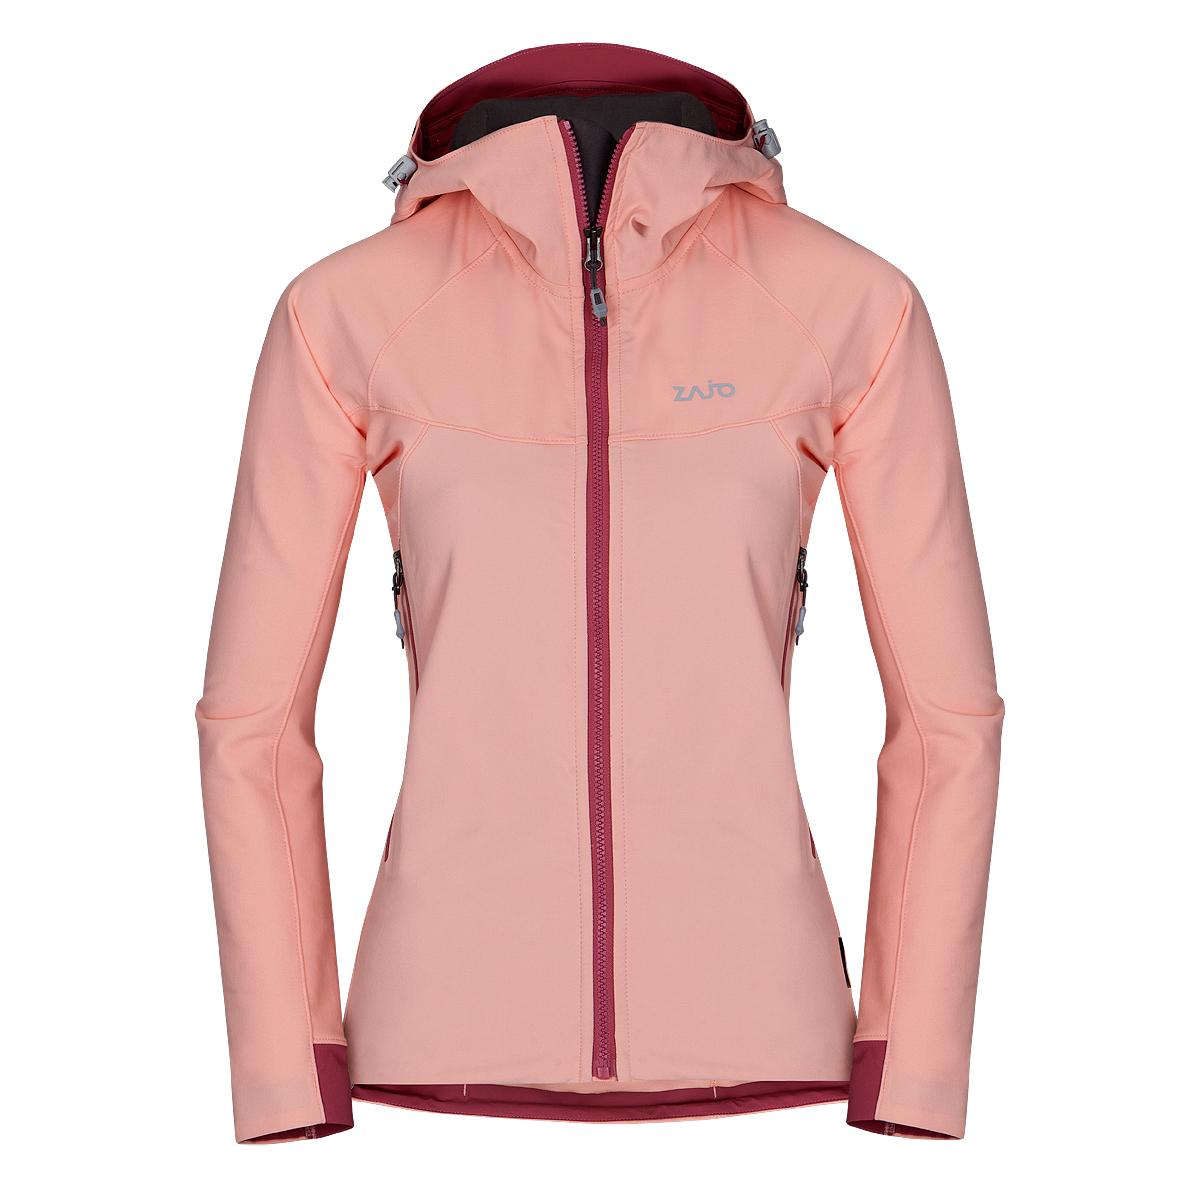 Dámska bunda Zajo Air LT Hoody W JKT Seashell Pink - veľkosť S